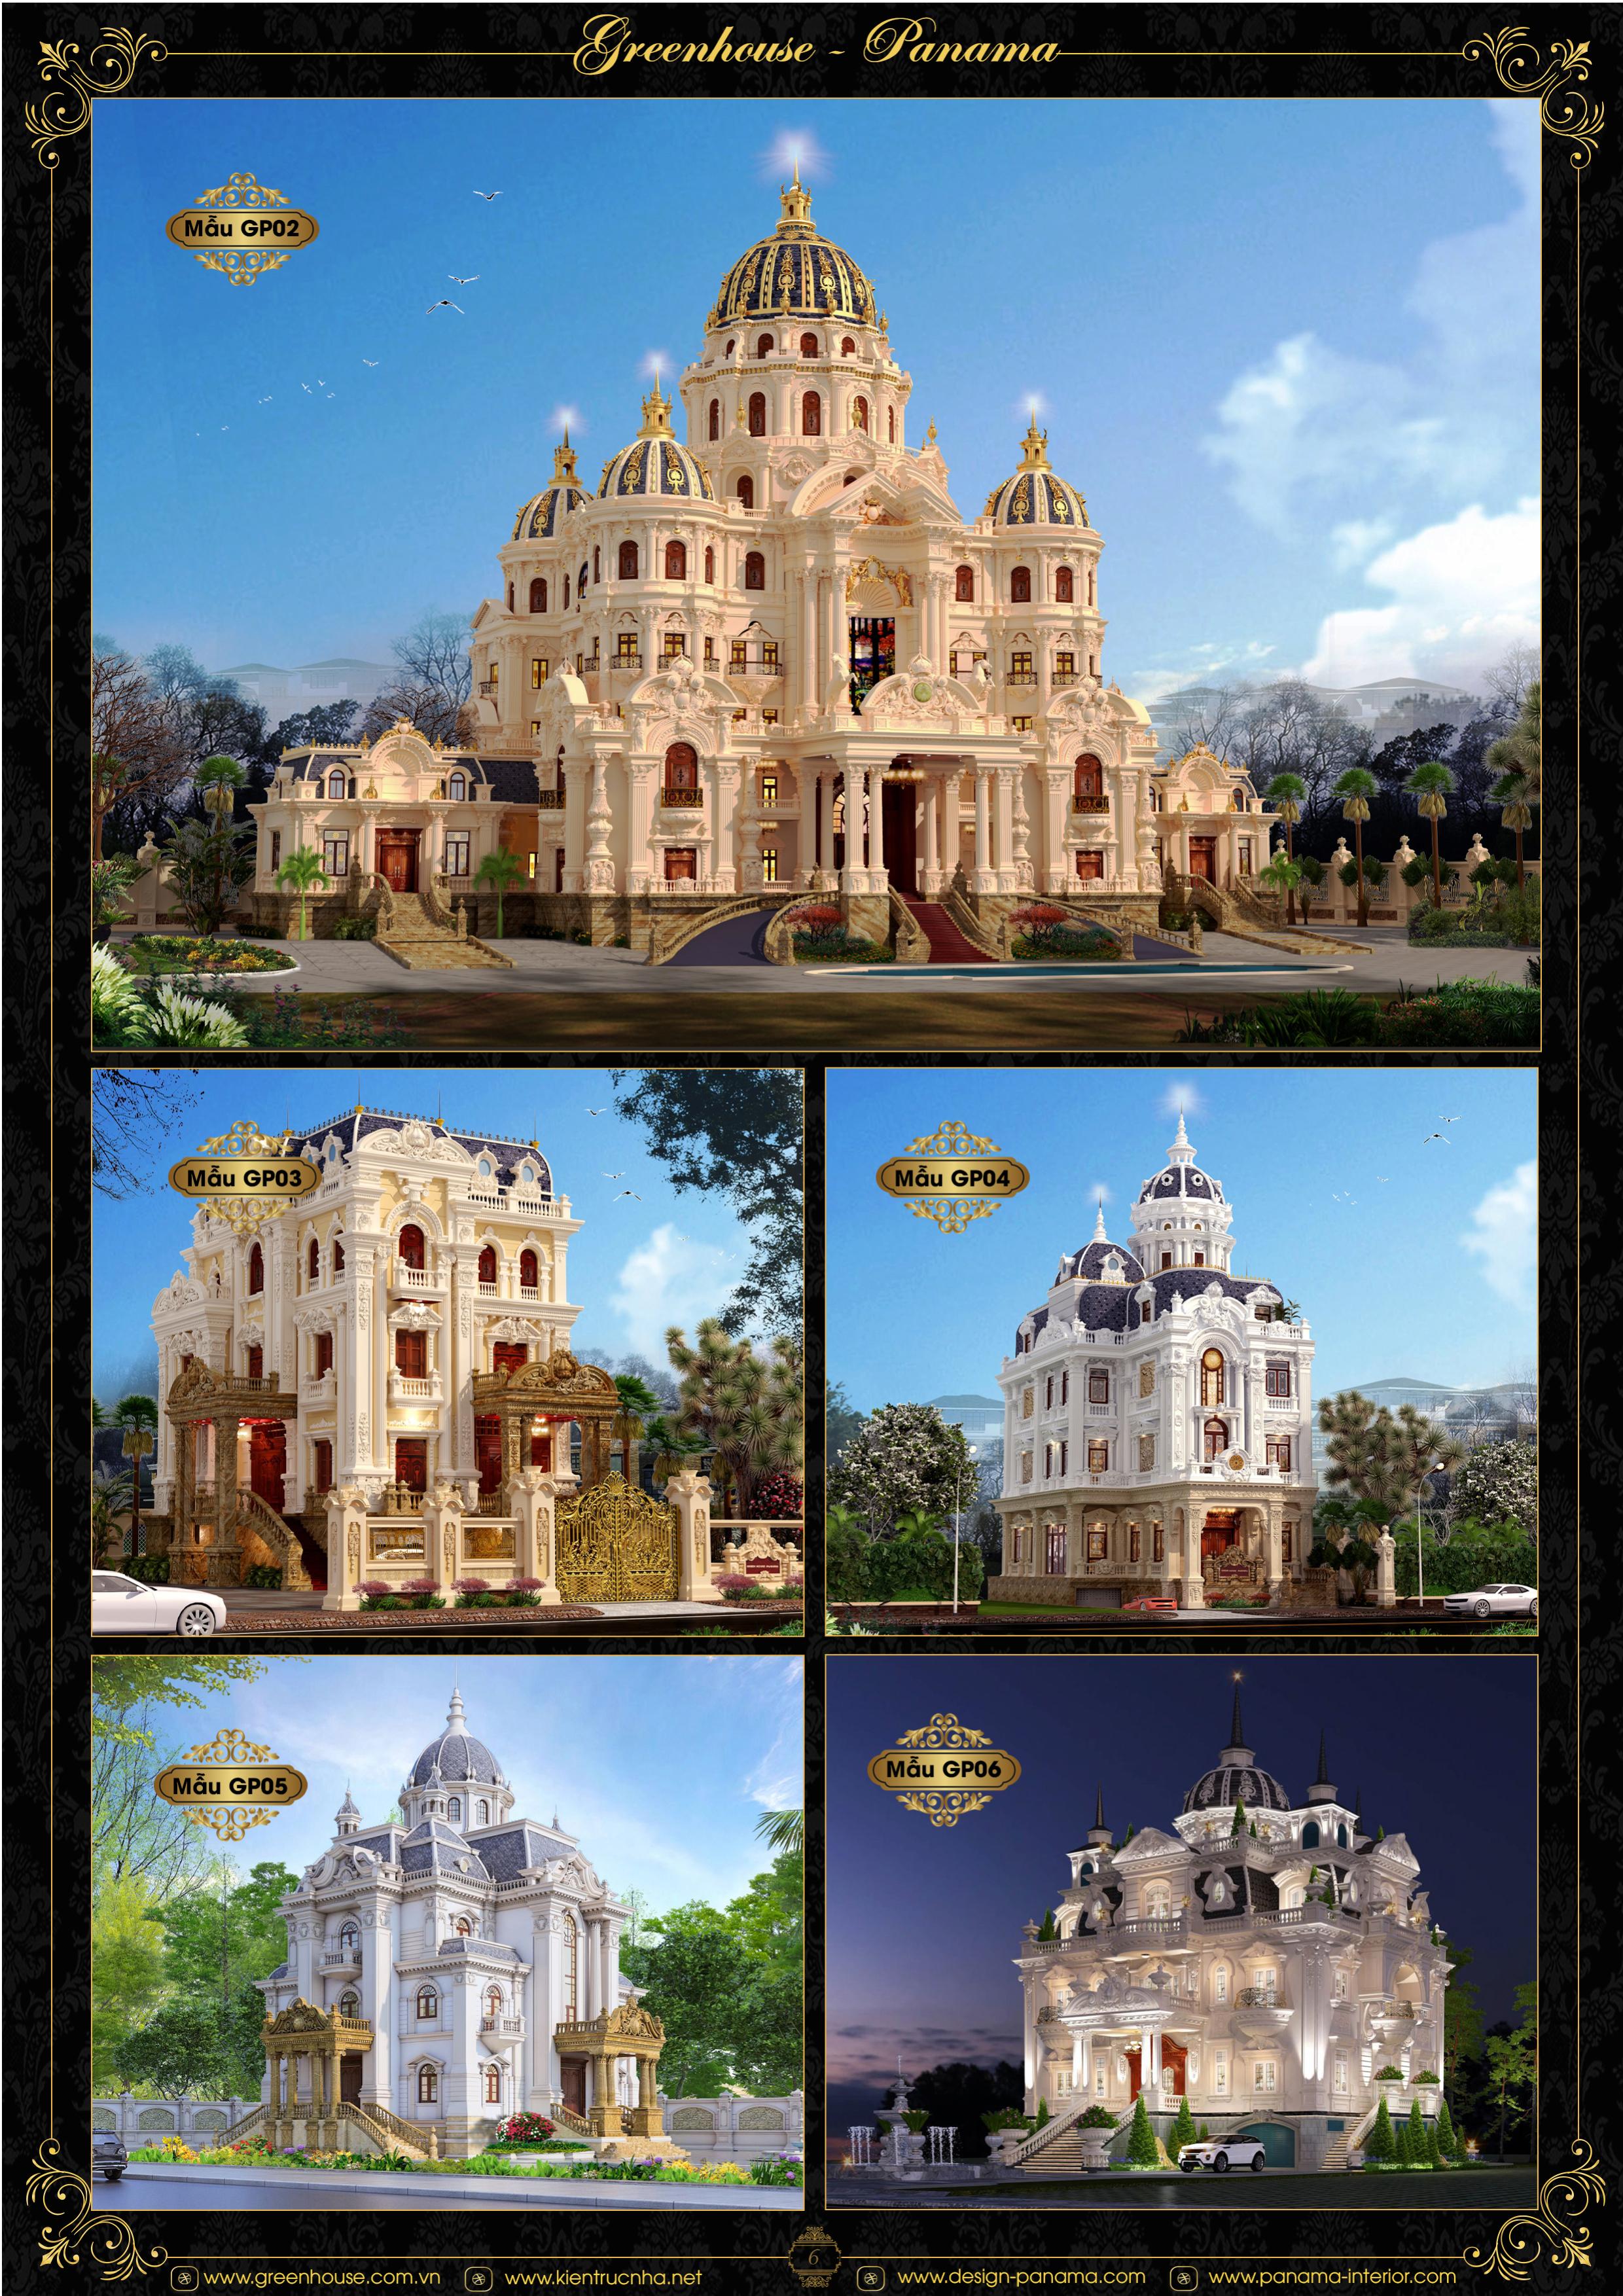 Những mẫu thiết kế dinh thự mang đẳng cấp châu Âu